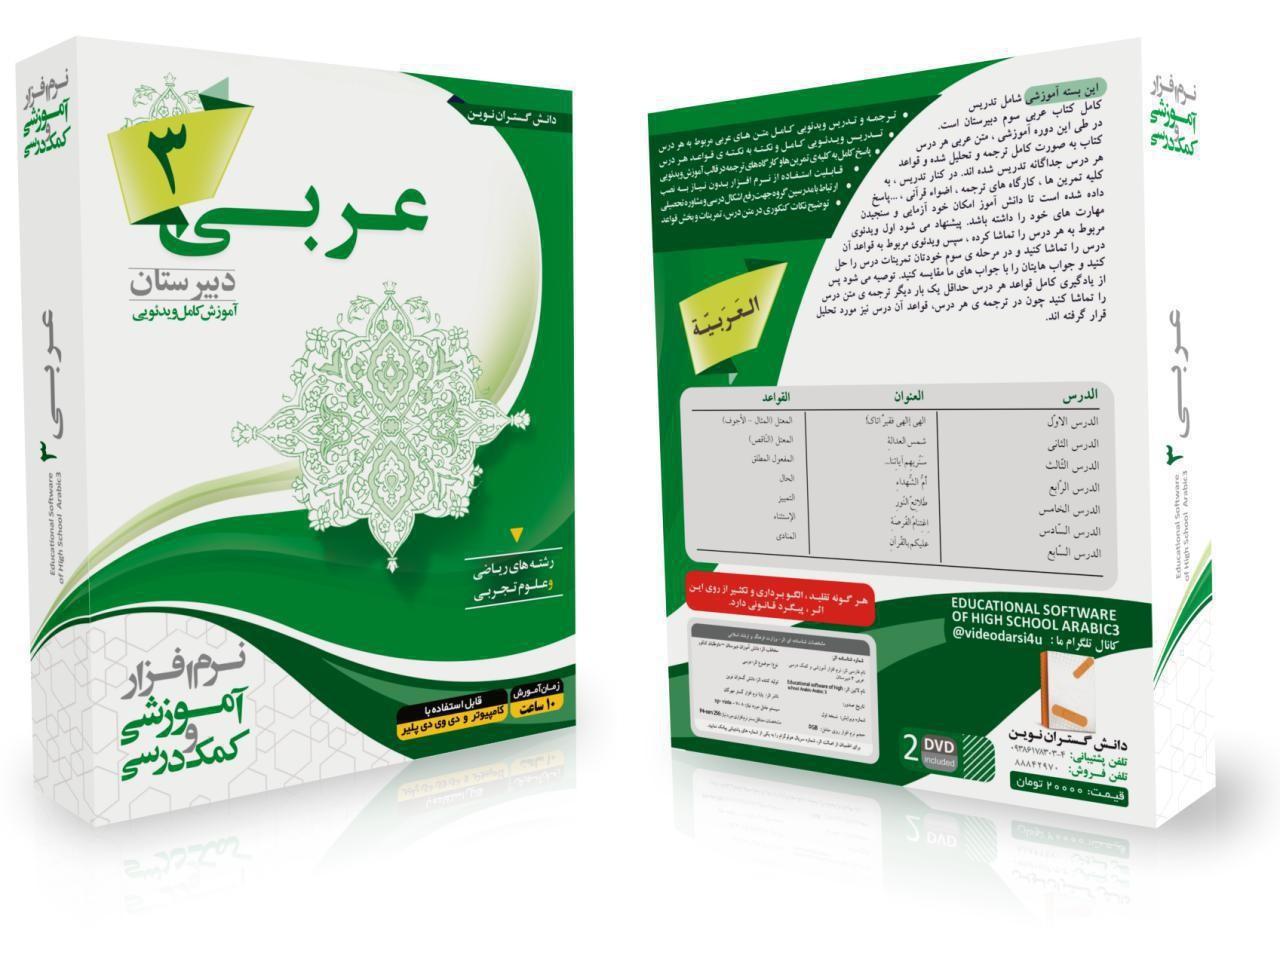 جزوه تایپ شده ، رنگی و مصور  ترجمه متون و قواعد عربی سوم دبیرستان